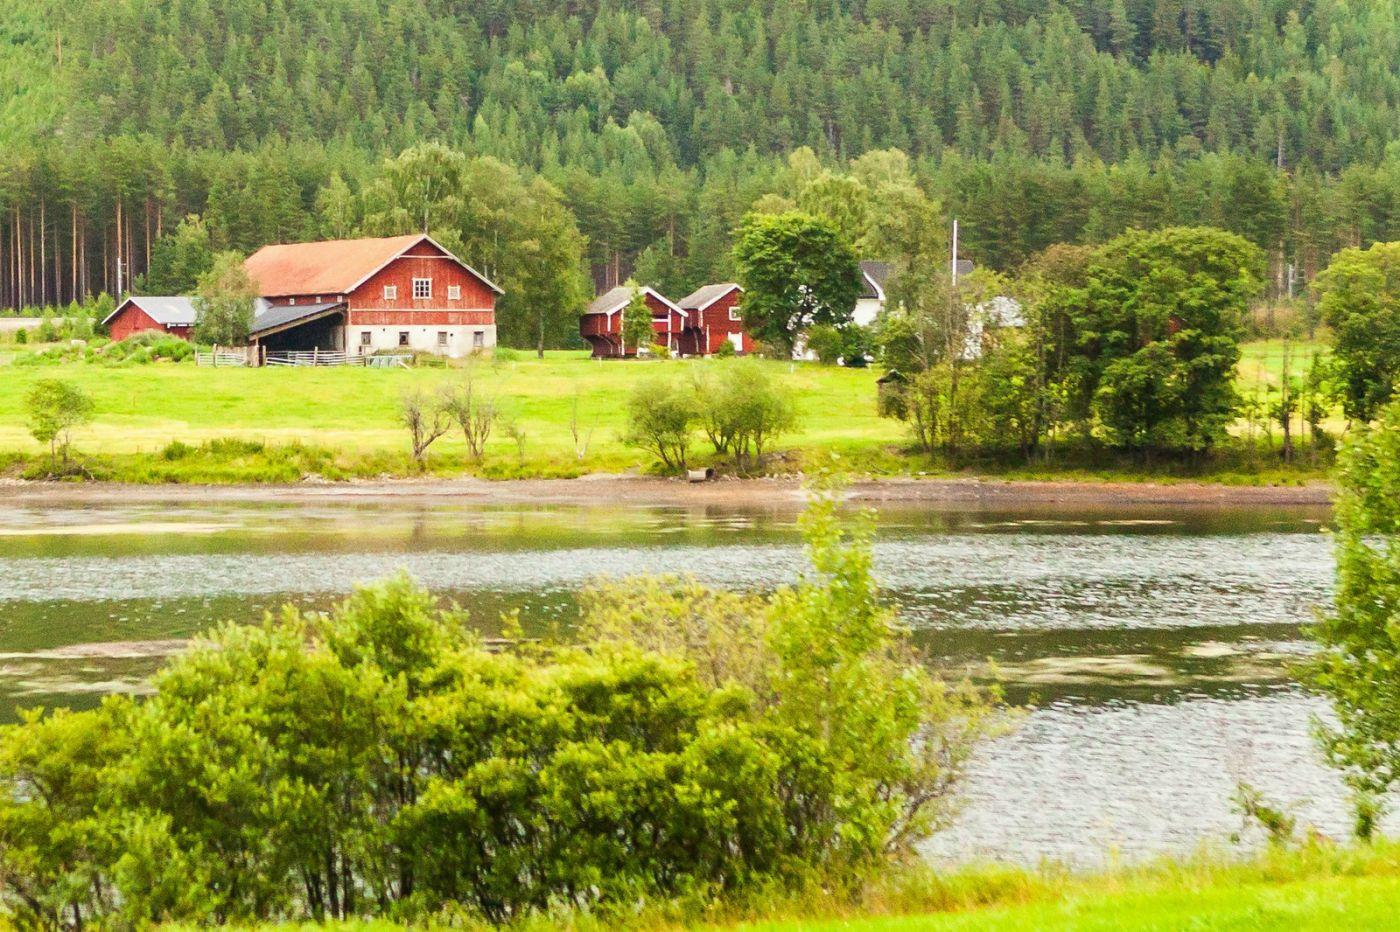 北欧旅途,沿路景色看不够_图1-11